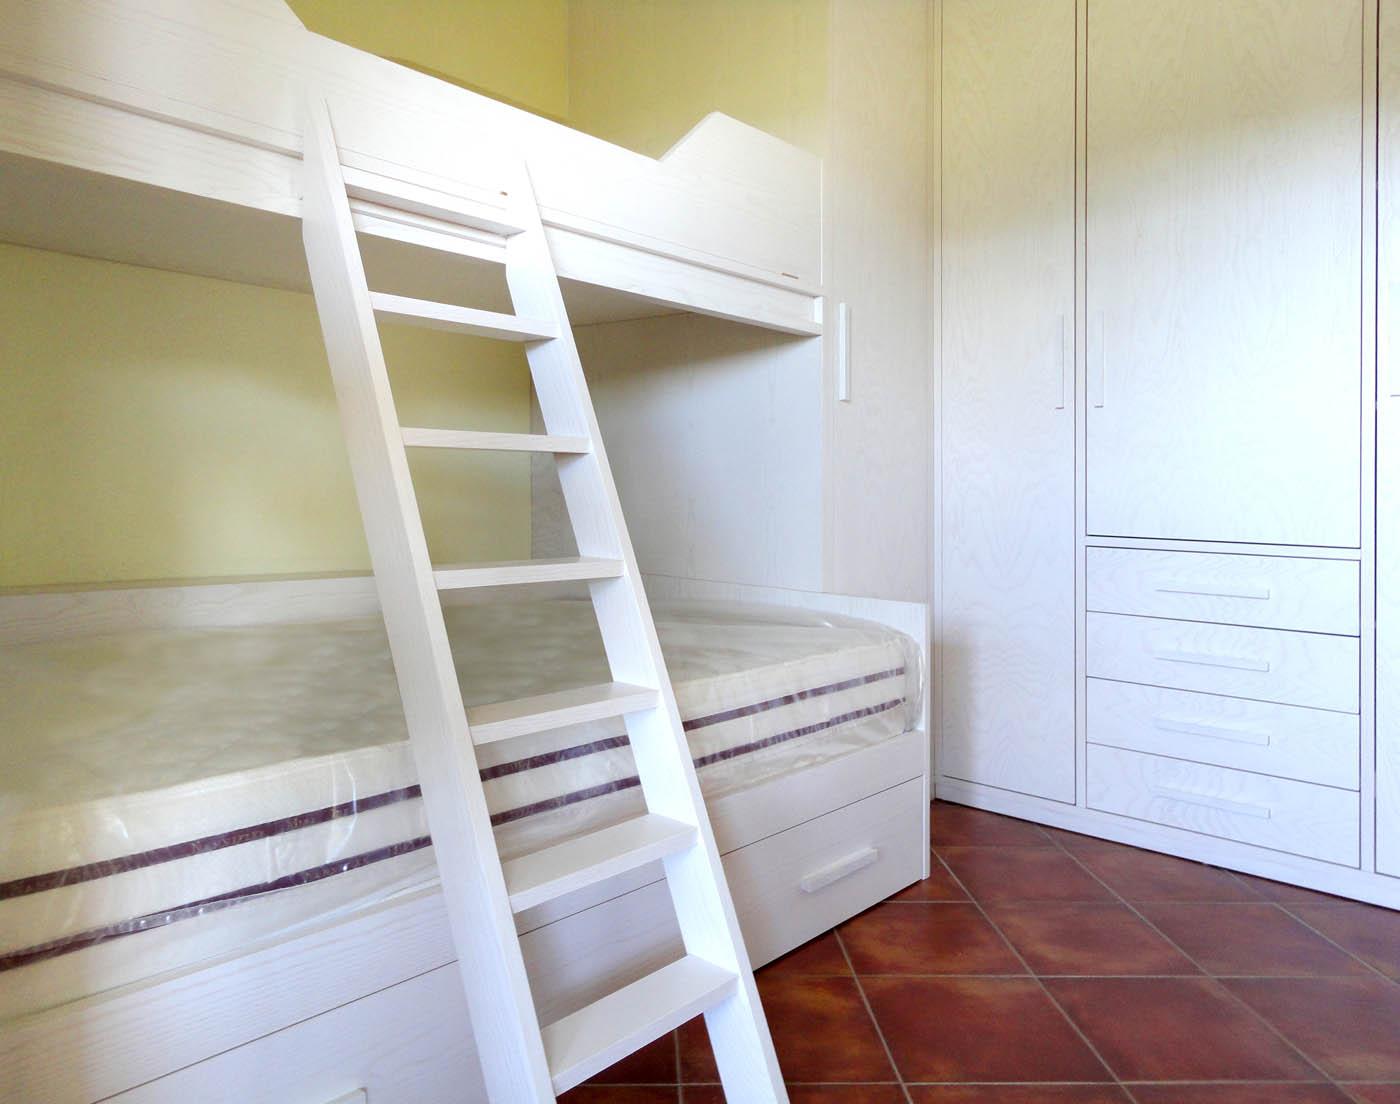 Foto letti su misura falegnamerie design for Letto a castello prezzi